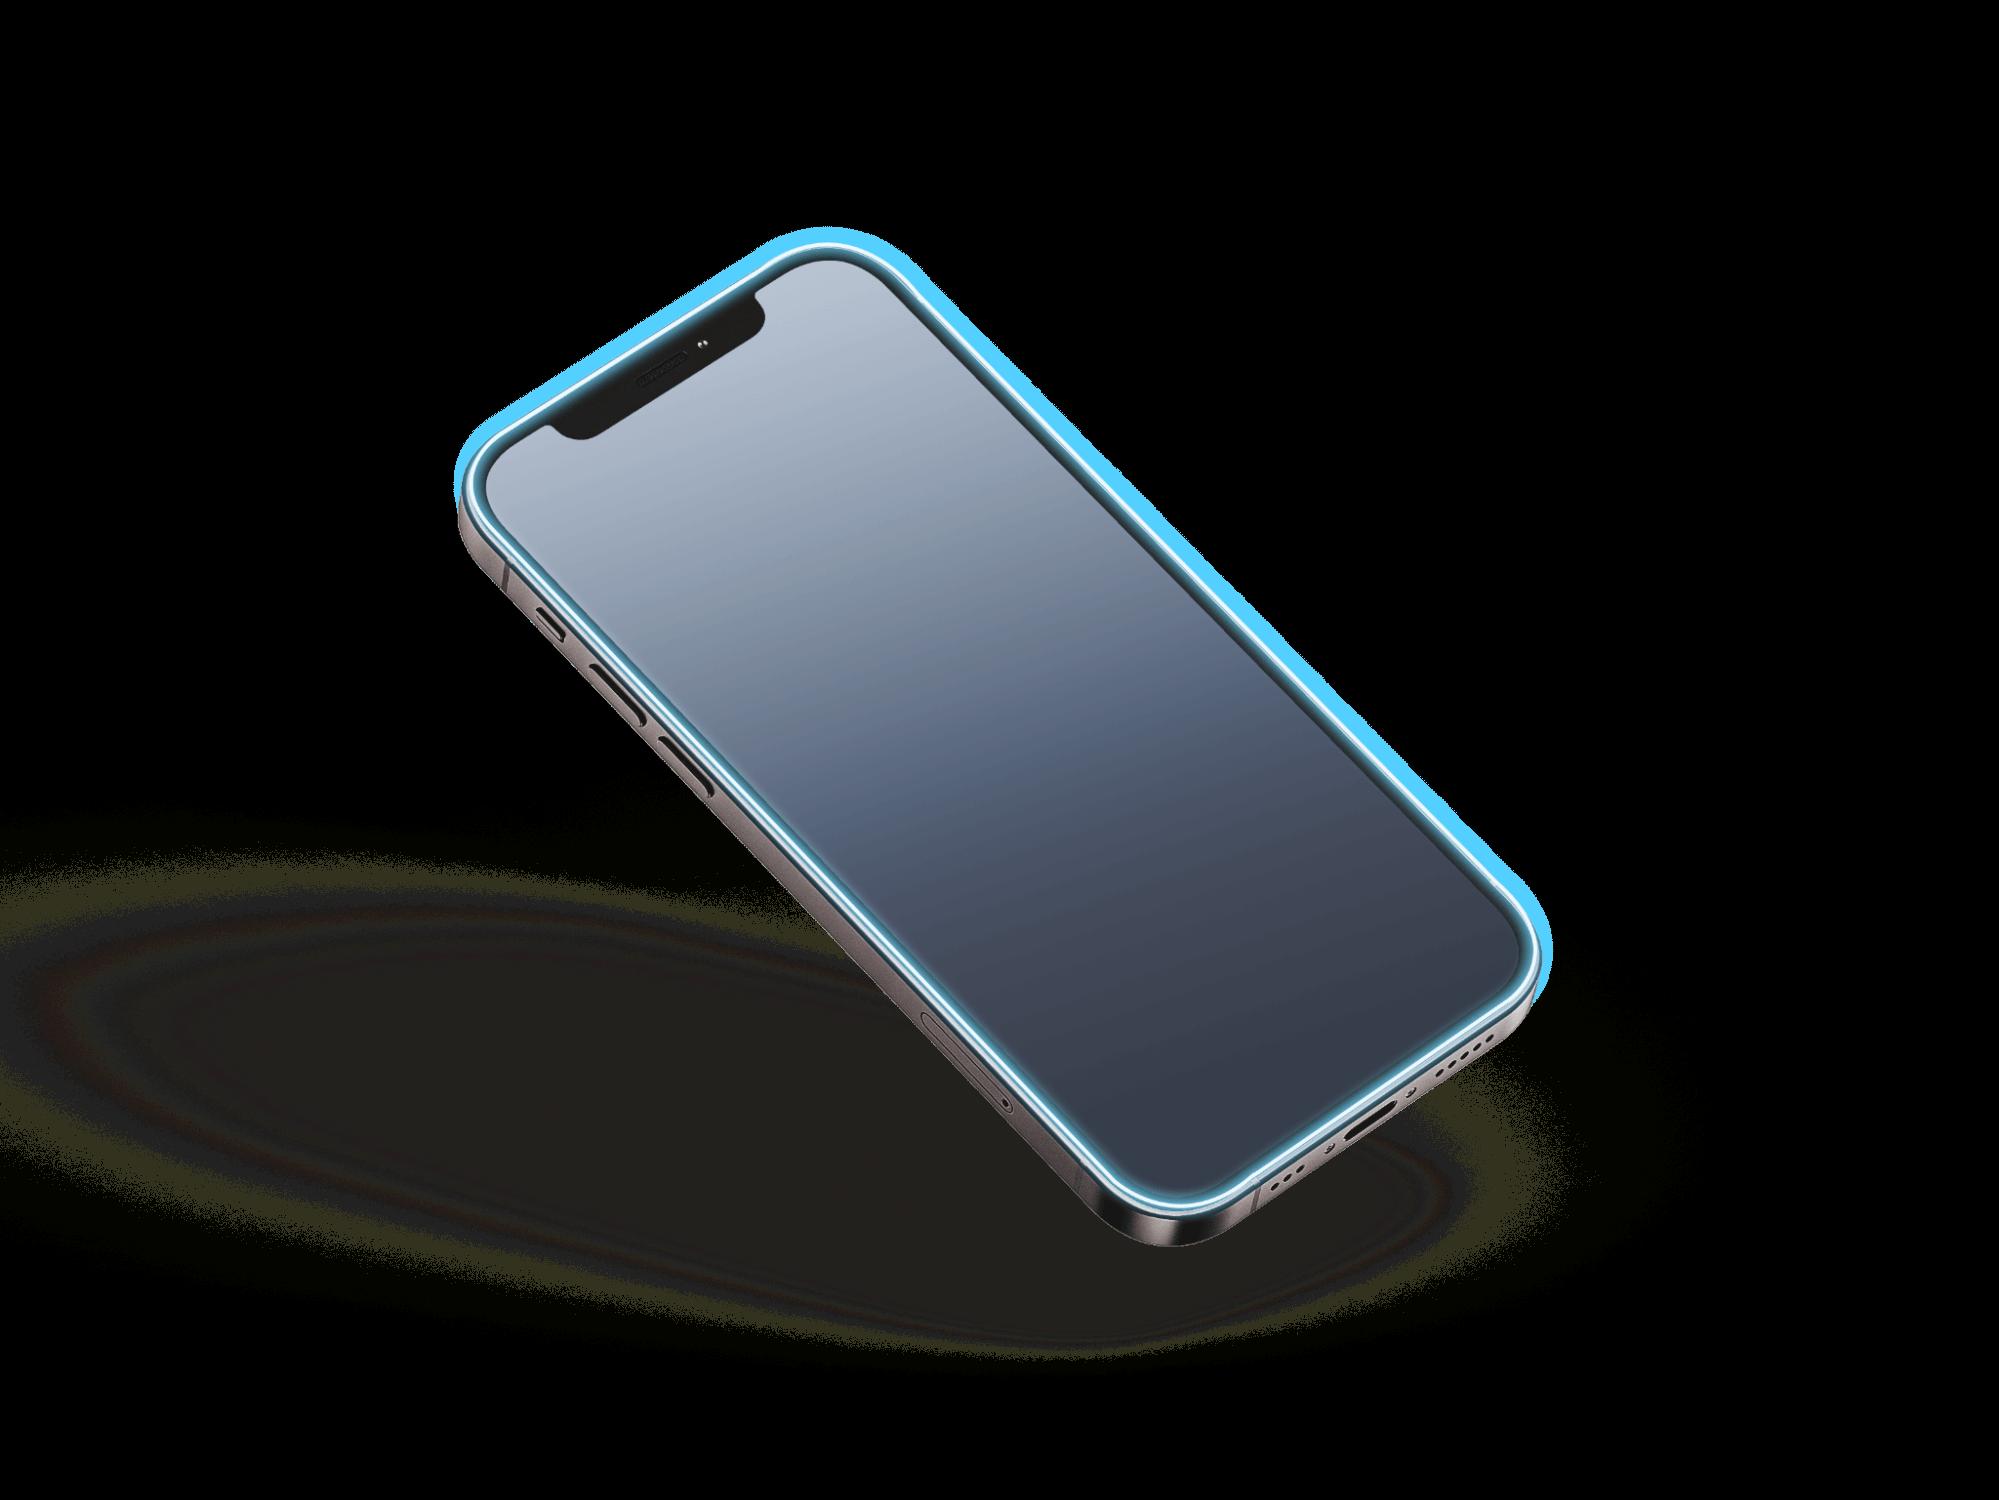 Simmpo德國萊茵認證-TUV零色偏抗藍光簡單貼